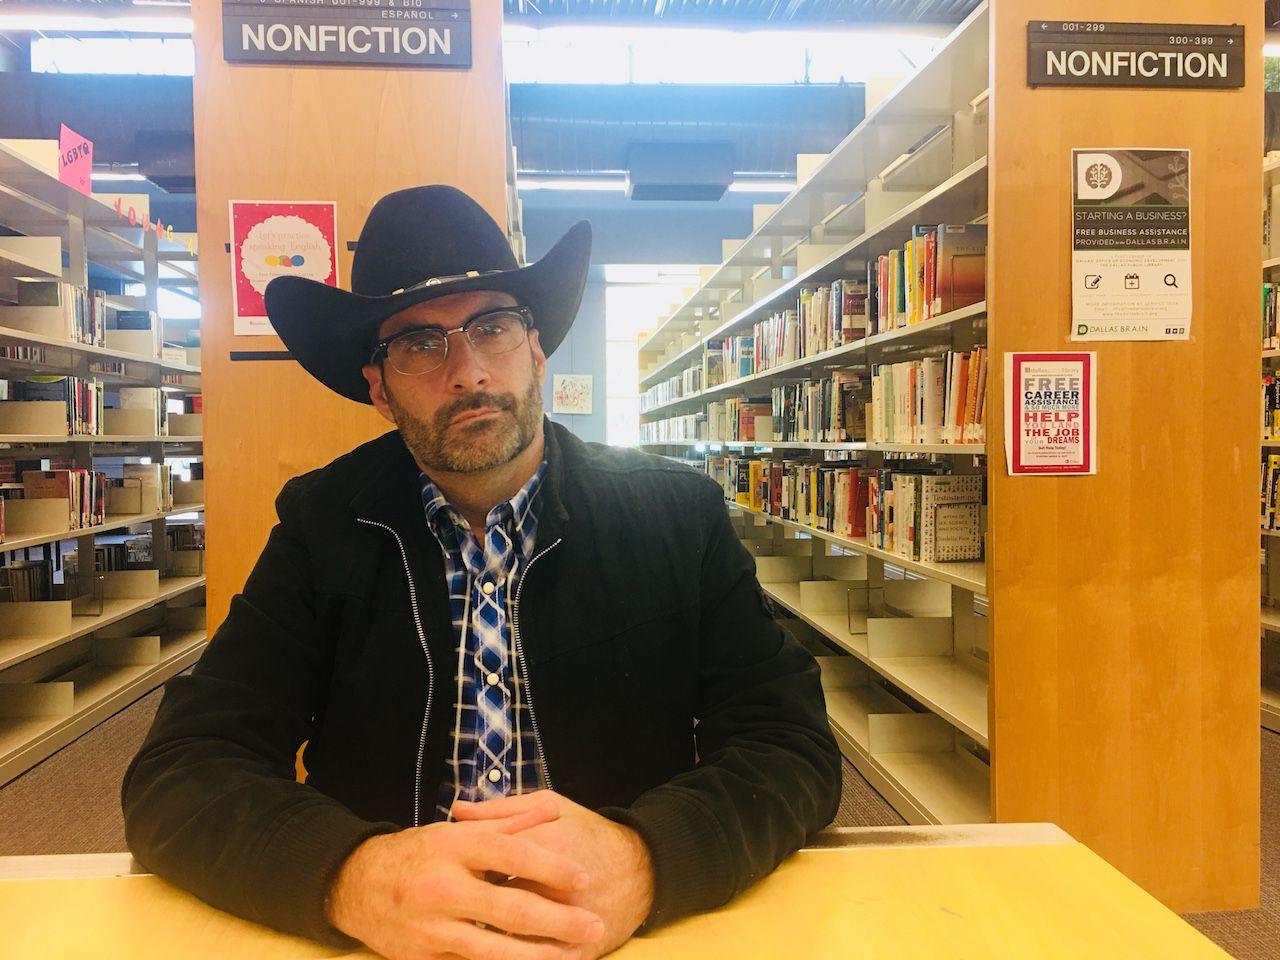 Daniel Shipman ha sido benefactor de Franky desde que lo conoció en Narcóticos Anónimos hace casi ocho años . Foto: JENNY MANRIQUE/AL DÍA